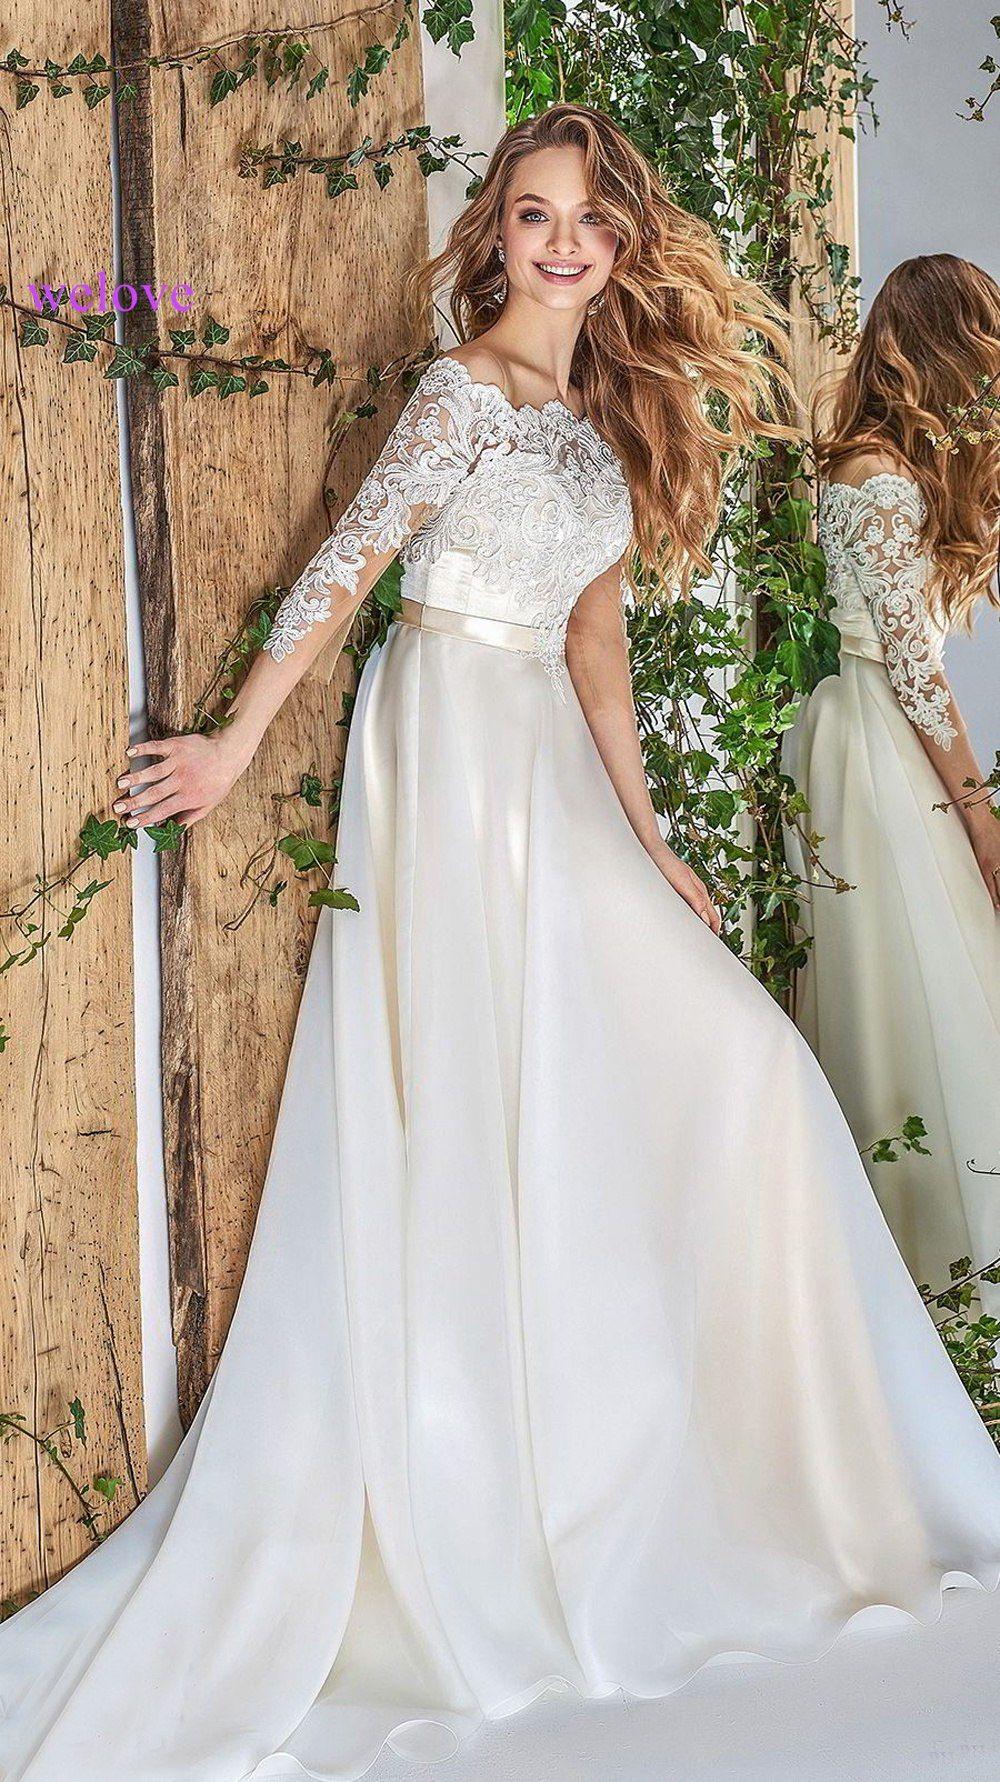 Neue Ankunft Vintage Hochzeit Kleider 2019 Sheer Neck